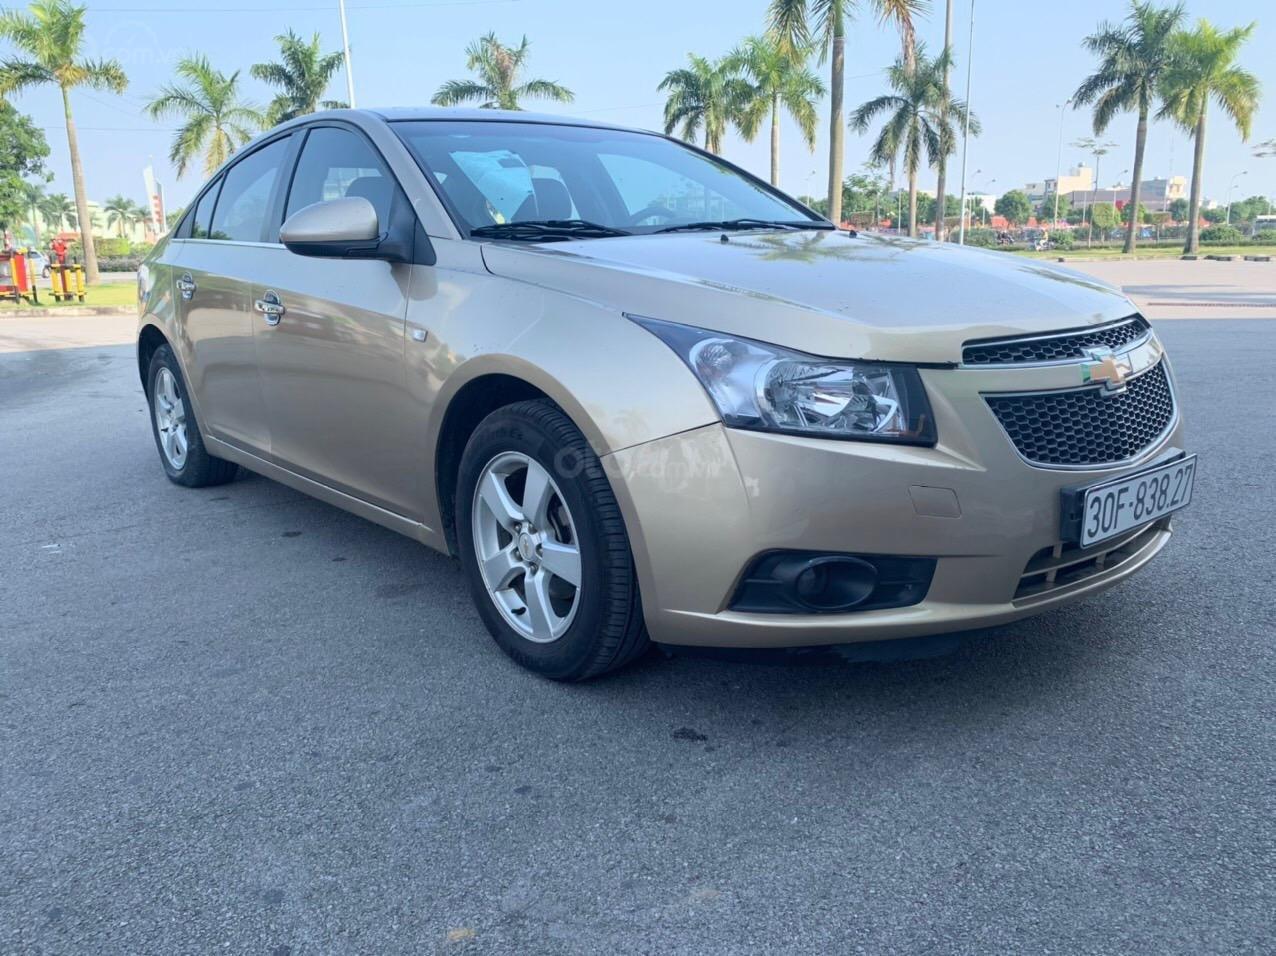 Cần bán Chevrolet Cruze sx 2013 số sàn 1.6 màu vàng - Quang Tiệp 0865.567.369 (4)